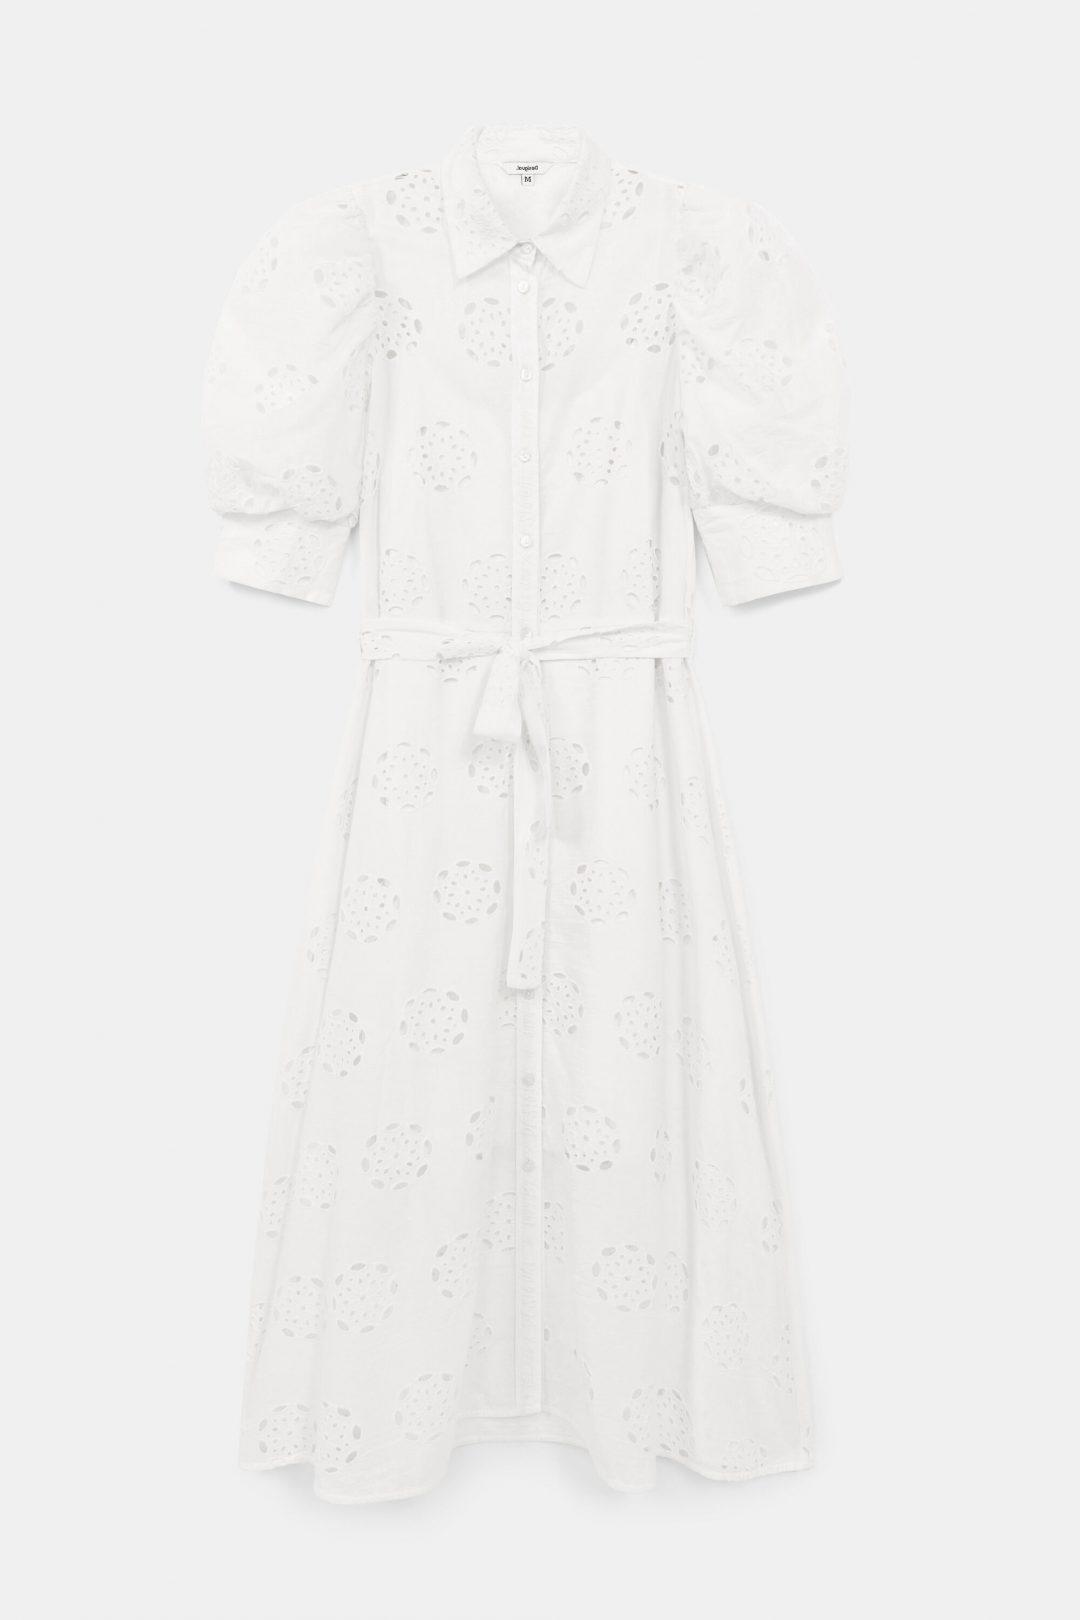 Desigual haljina 1509kn, Vikend+ cijena 1207.20kn